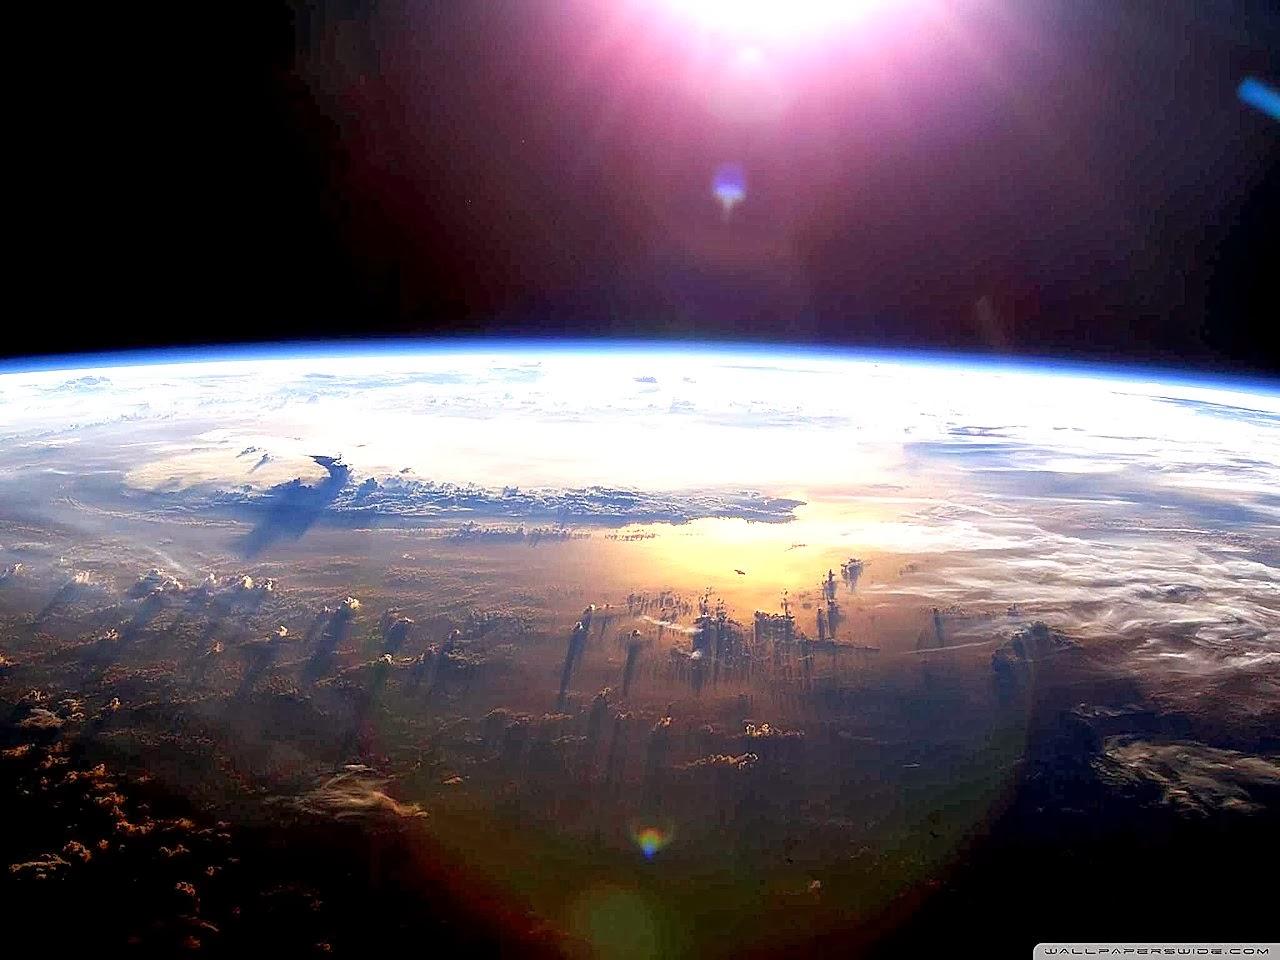 Oceano Pacífico desde o espaco. O sol e os oceanos são os grandes reguladores do clima da Terra. Comparado com eles tudo o que podem fazer os humanos é bem pouca coisa